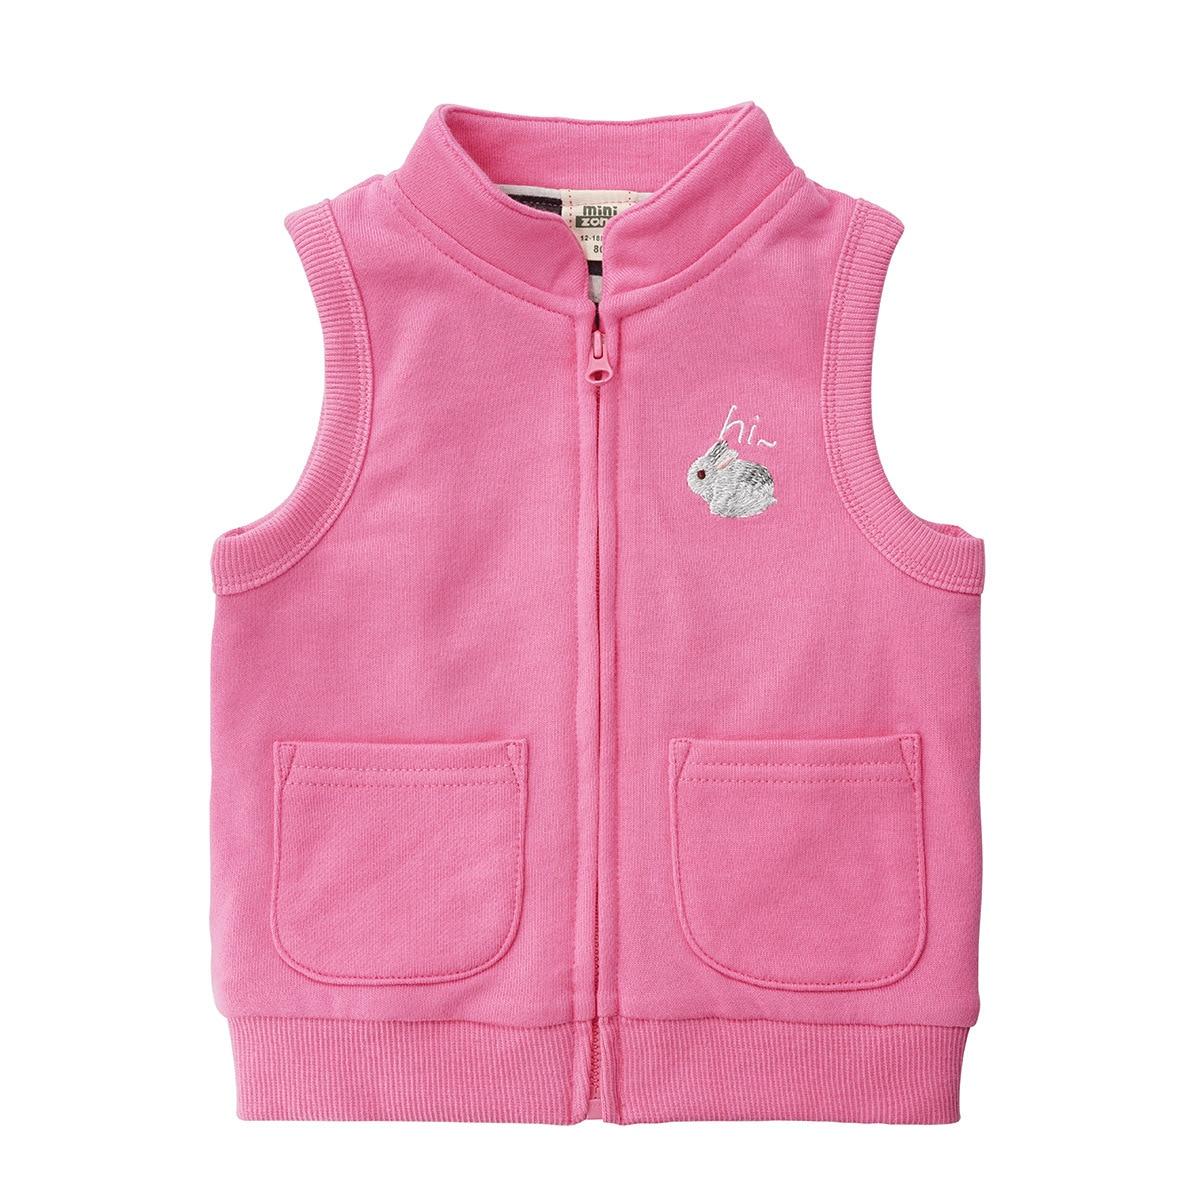 2018 Herbst Kinder Winter Kleidung Mädchen Nette Weste Kinder Marke Orangemom Kleidung Baumwolle Warme Kleidung Jacke Für Baby Outwear Um Das KöRpergewicht Zu Reduzieren Und Das Leben Zu VerläNgern